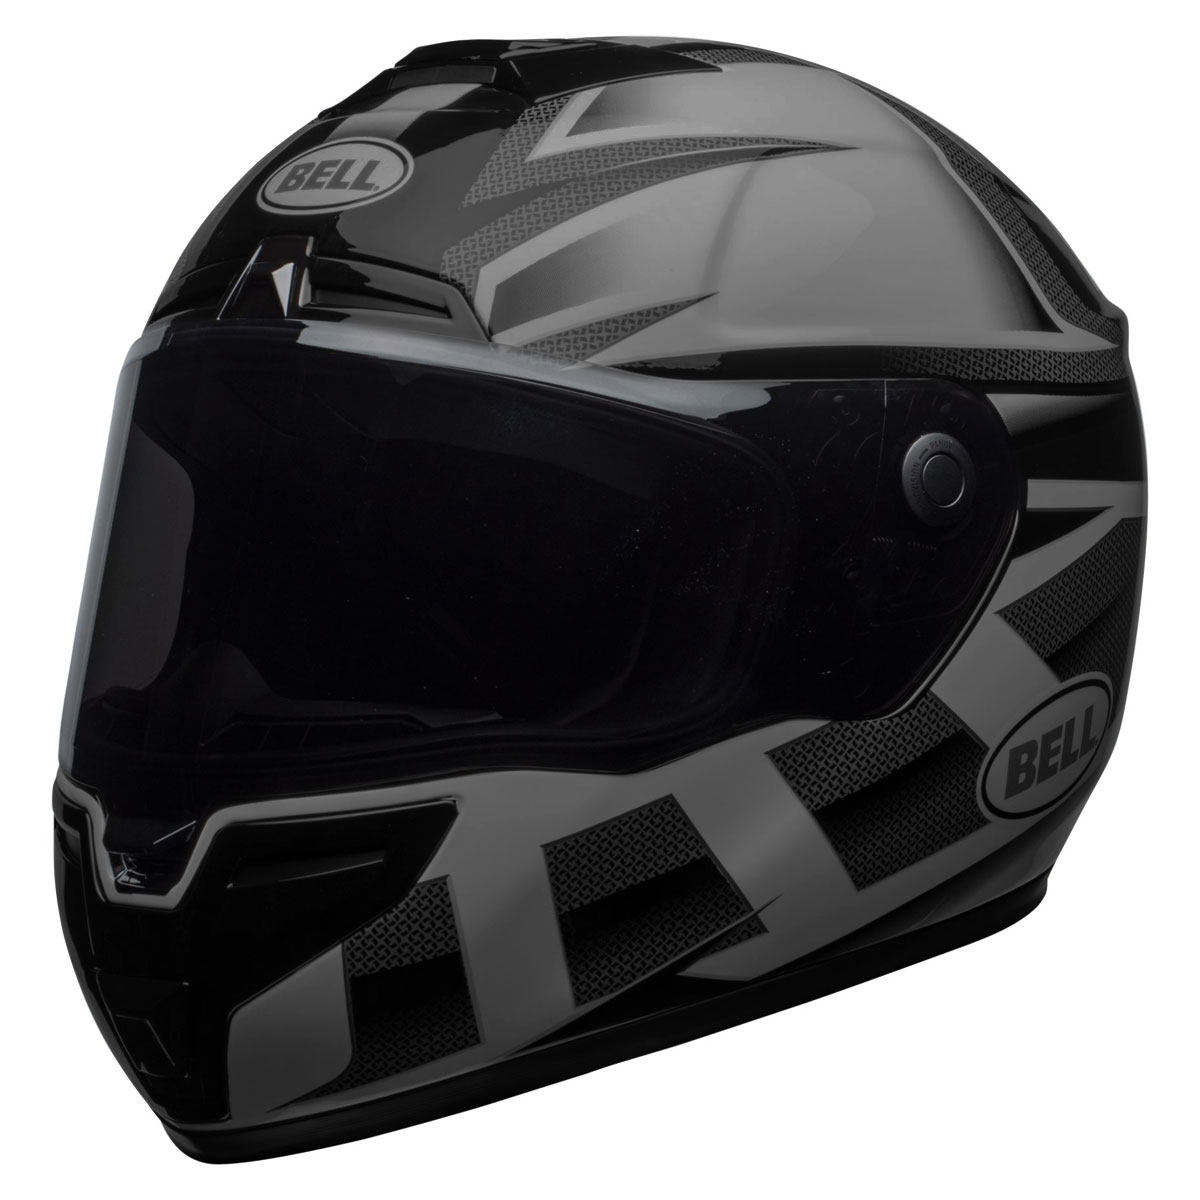 Bell SRT Blackout Predator Matte/Gloss Full Face Helmet